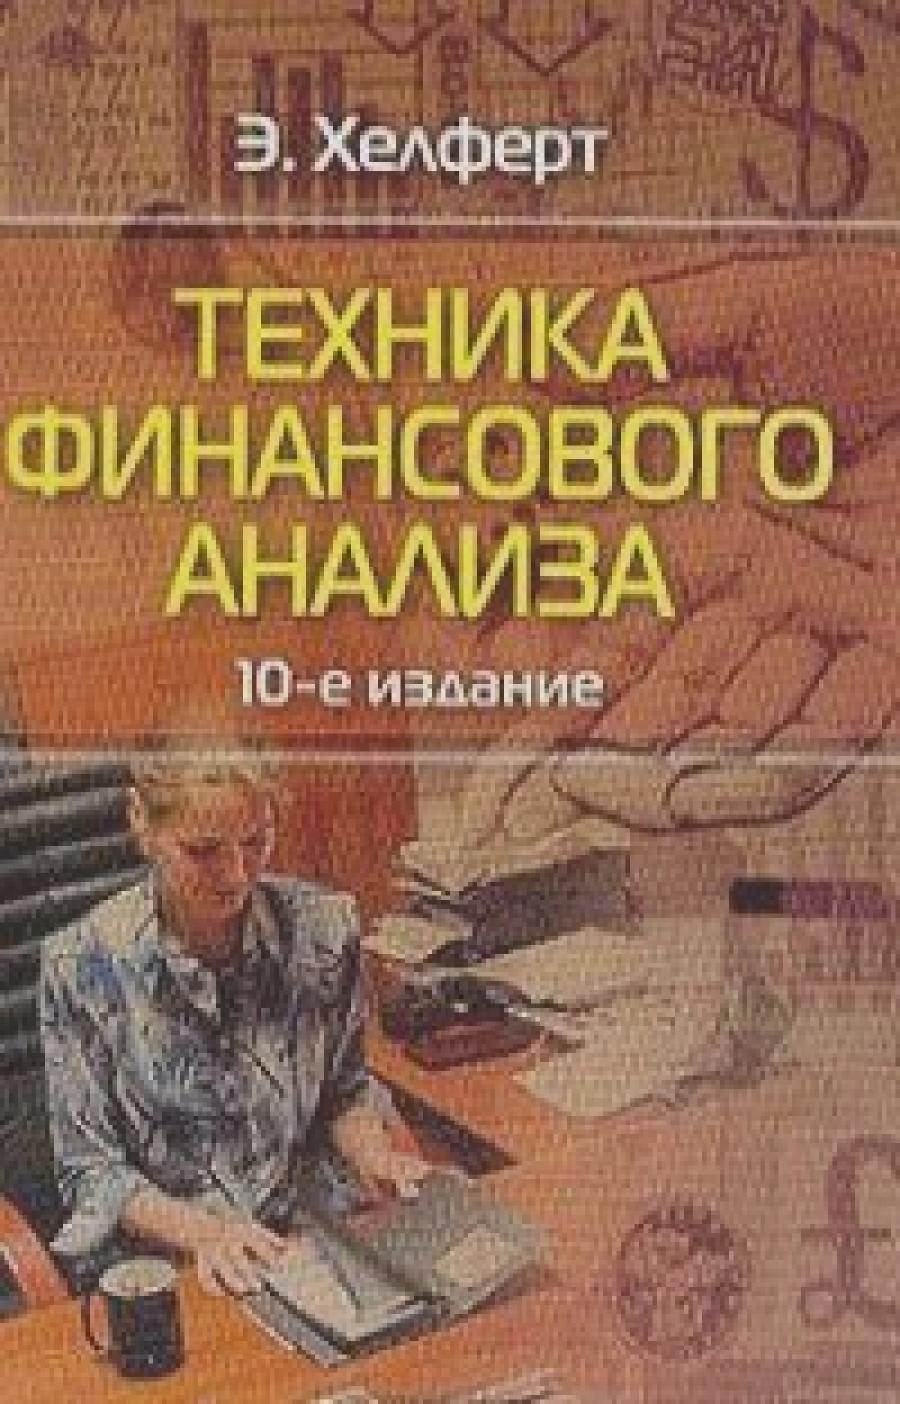 Обложка книги:  академия финансов - э. хелферт - техника финансового анализа